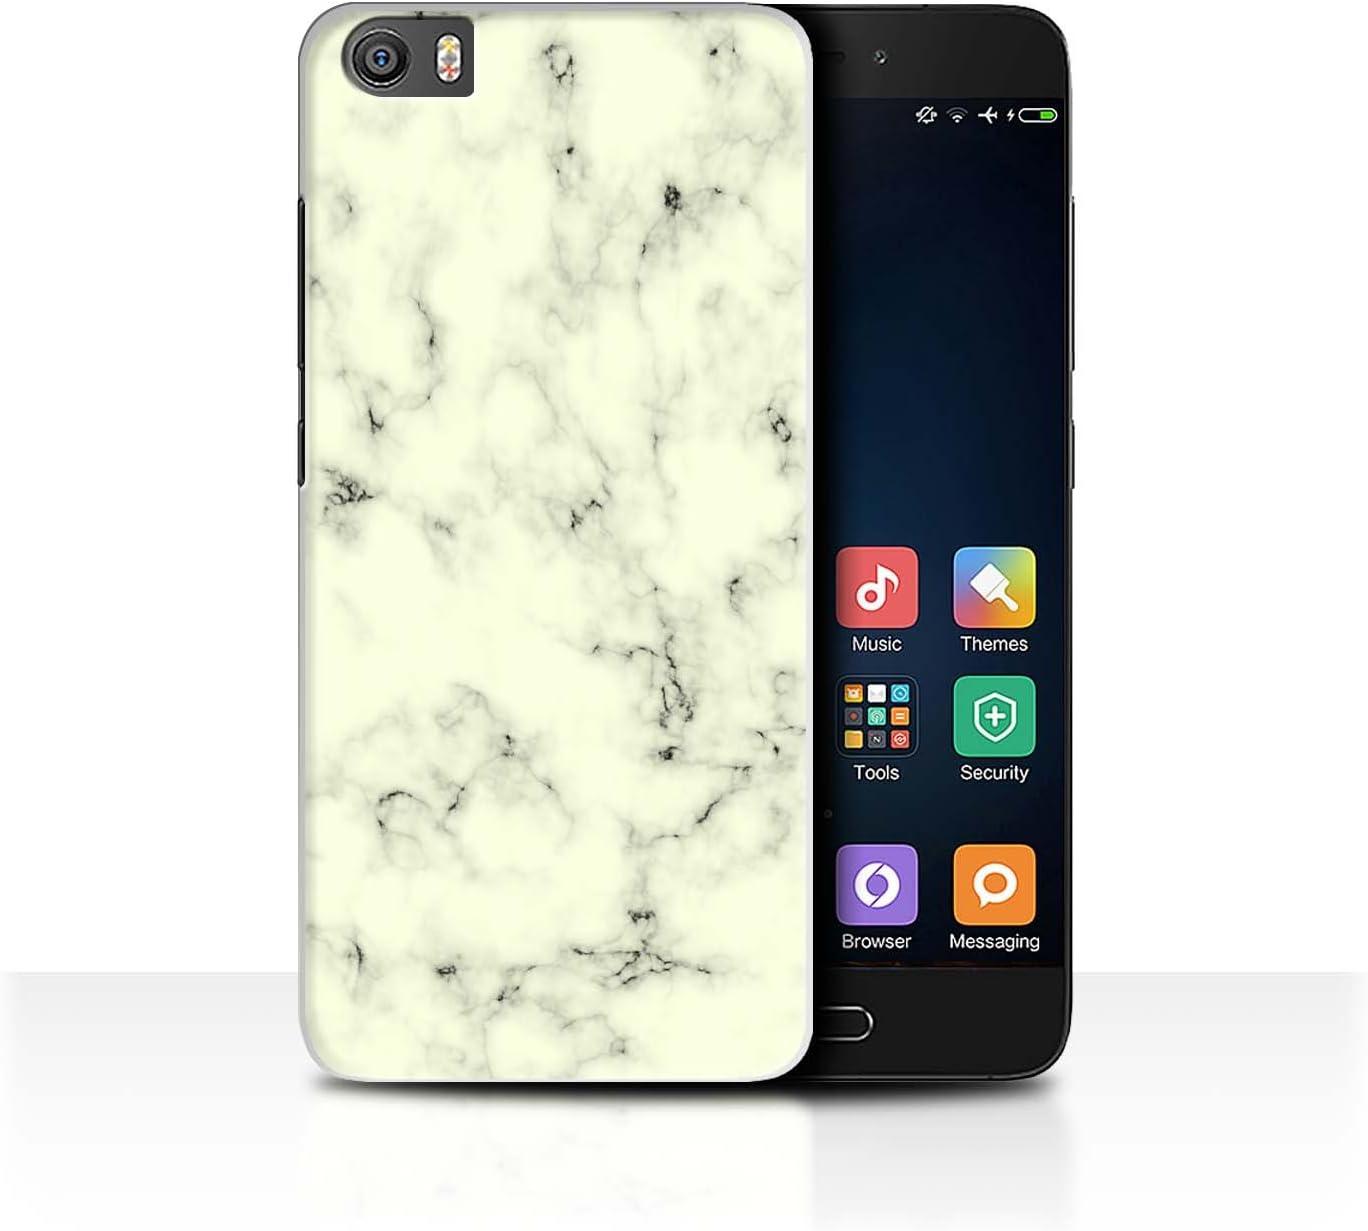 Stuff4 Carcasa/Funda Dura para el Xiaomi Mi5/Mi 5 / Serie: Mármol Rock Granito Efecto: Amazon.es: Electrónica